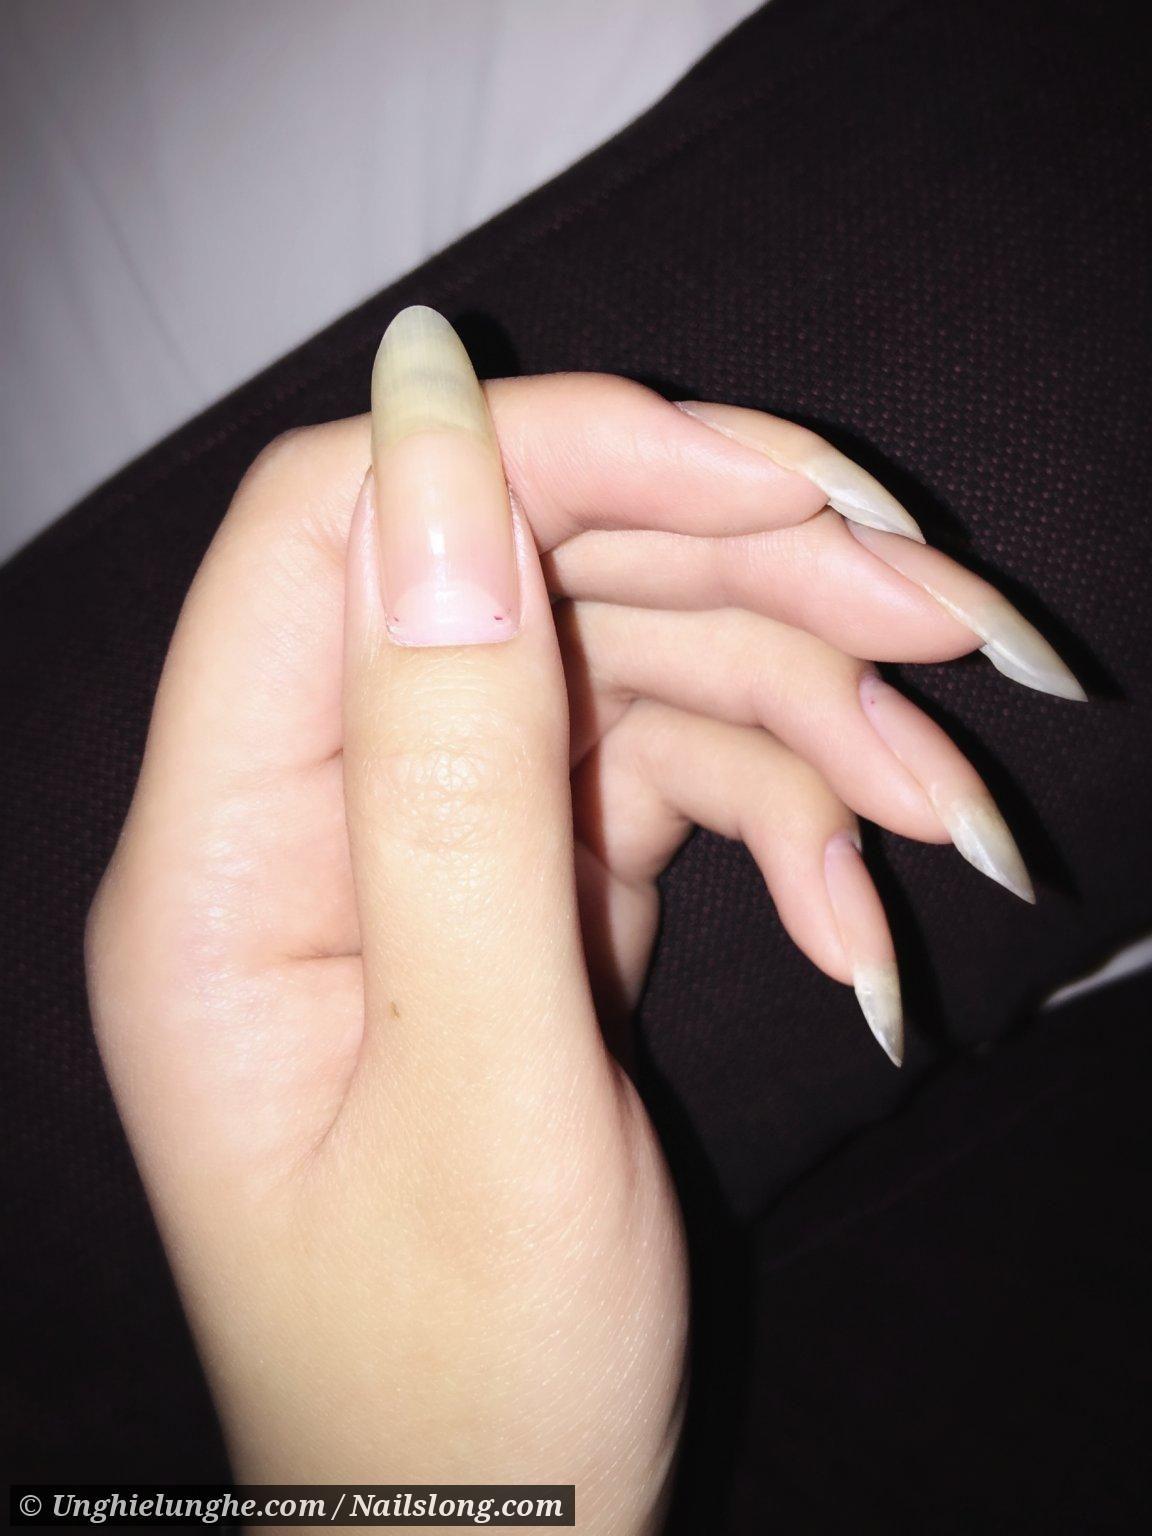 82375 Jpg 1152 1536 With Images Natural Nails Long Natural Nails Natural Acrylic Nails